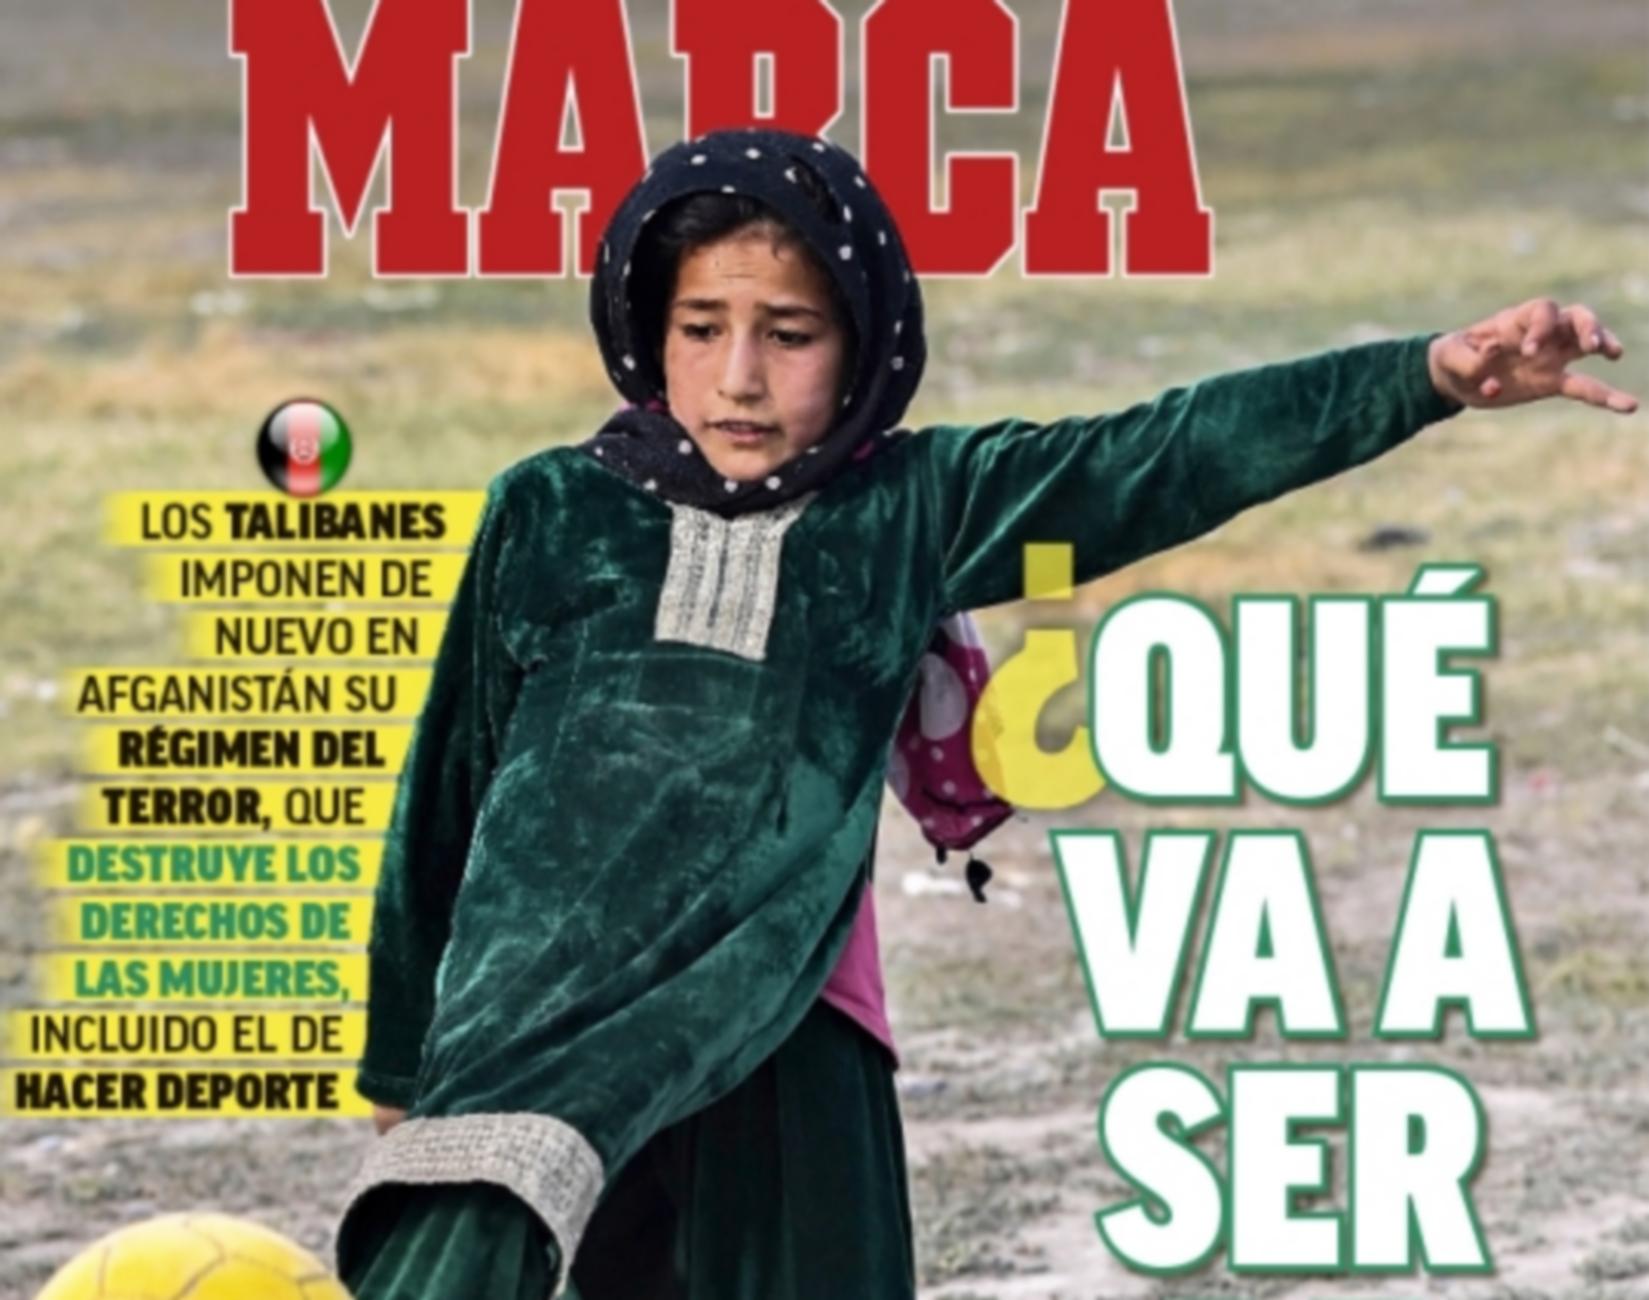 Αφγανιστάν: Συγκλονιστικό πρωτοσέλιδο της Marca με ένα κοριτσάκι με μπάλα